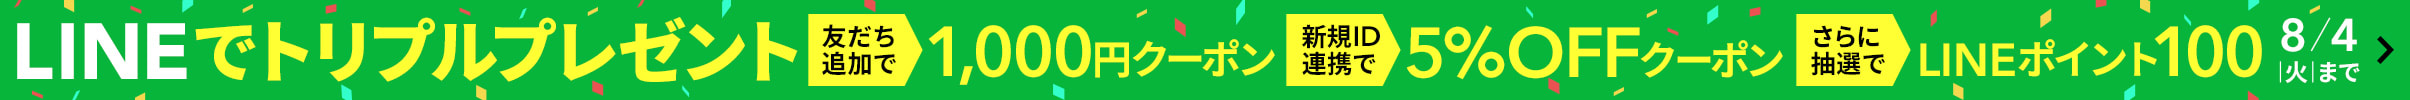 ID連携でLINEポイントプレゼント(最終日前日)